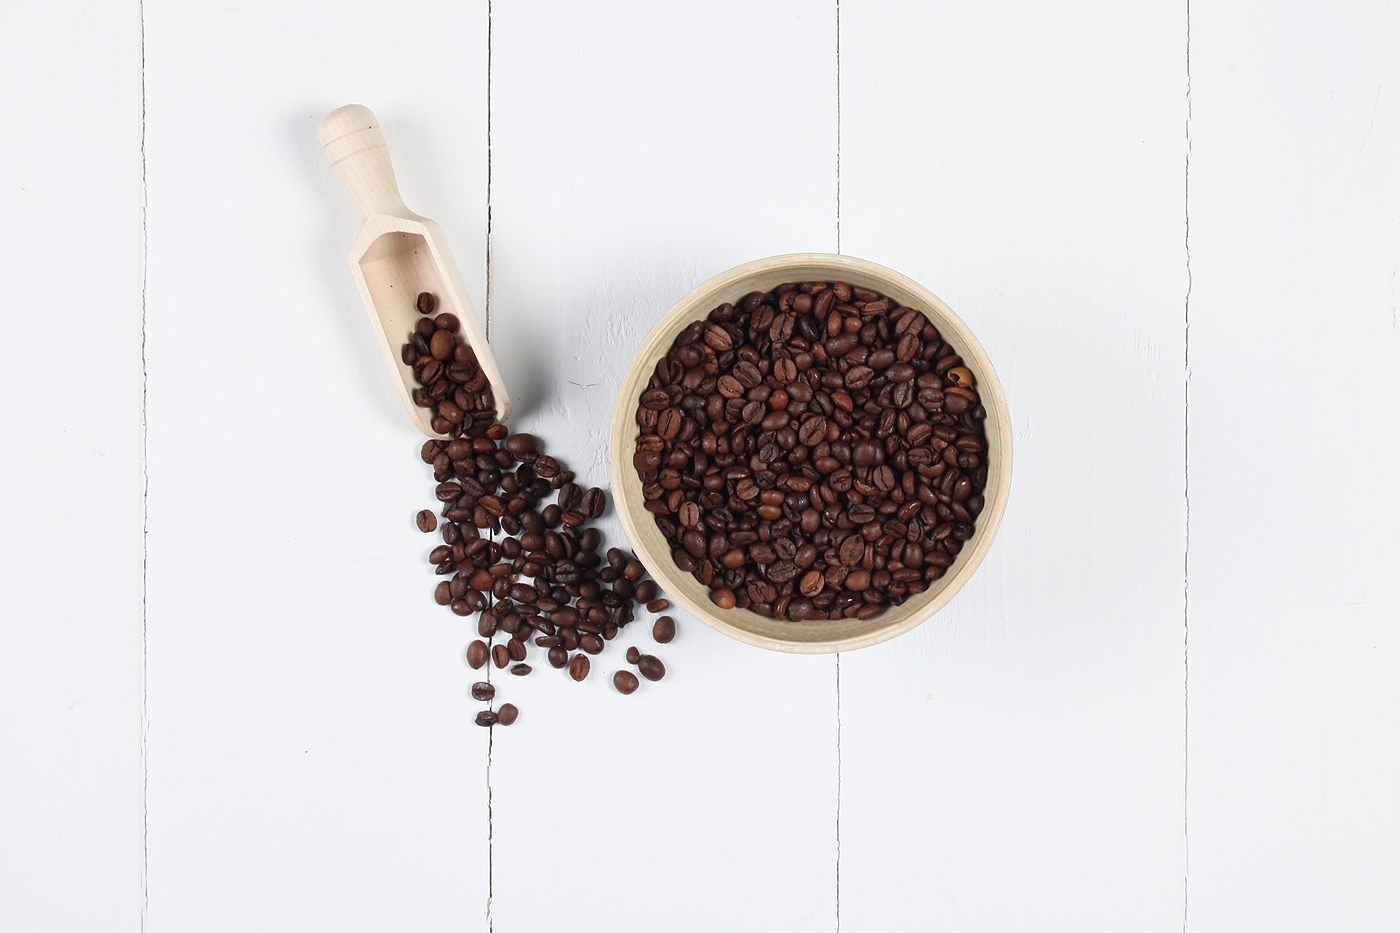 Bohnenbild Lavazza Crema e Aroma